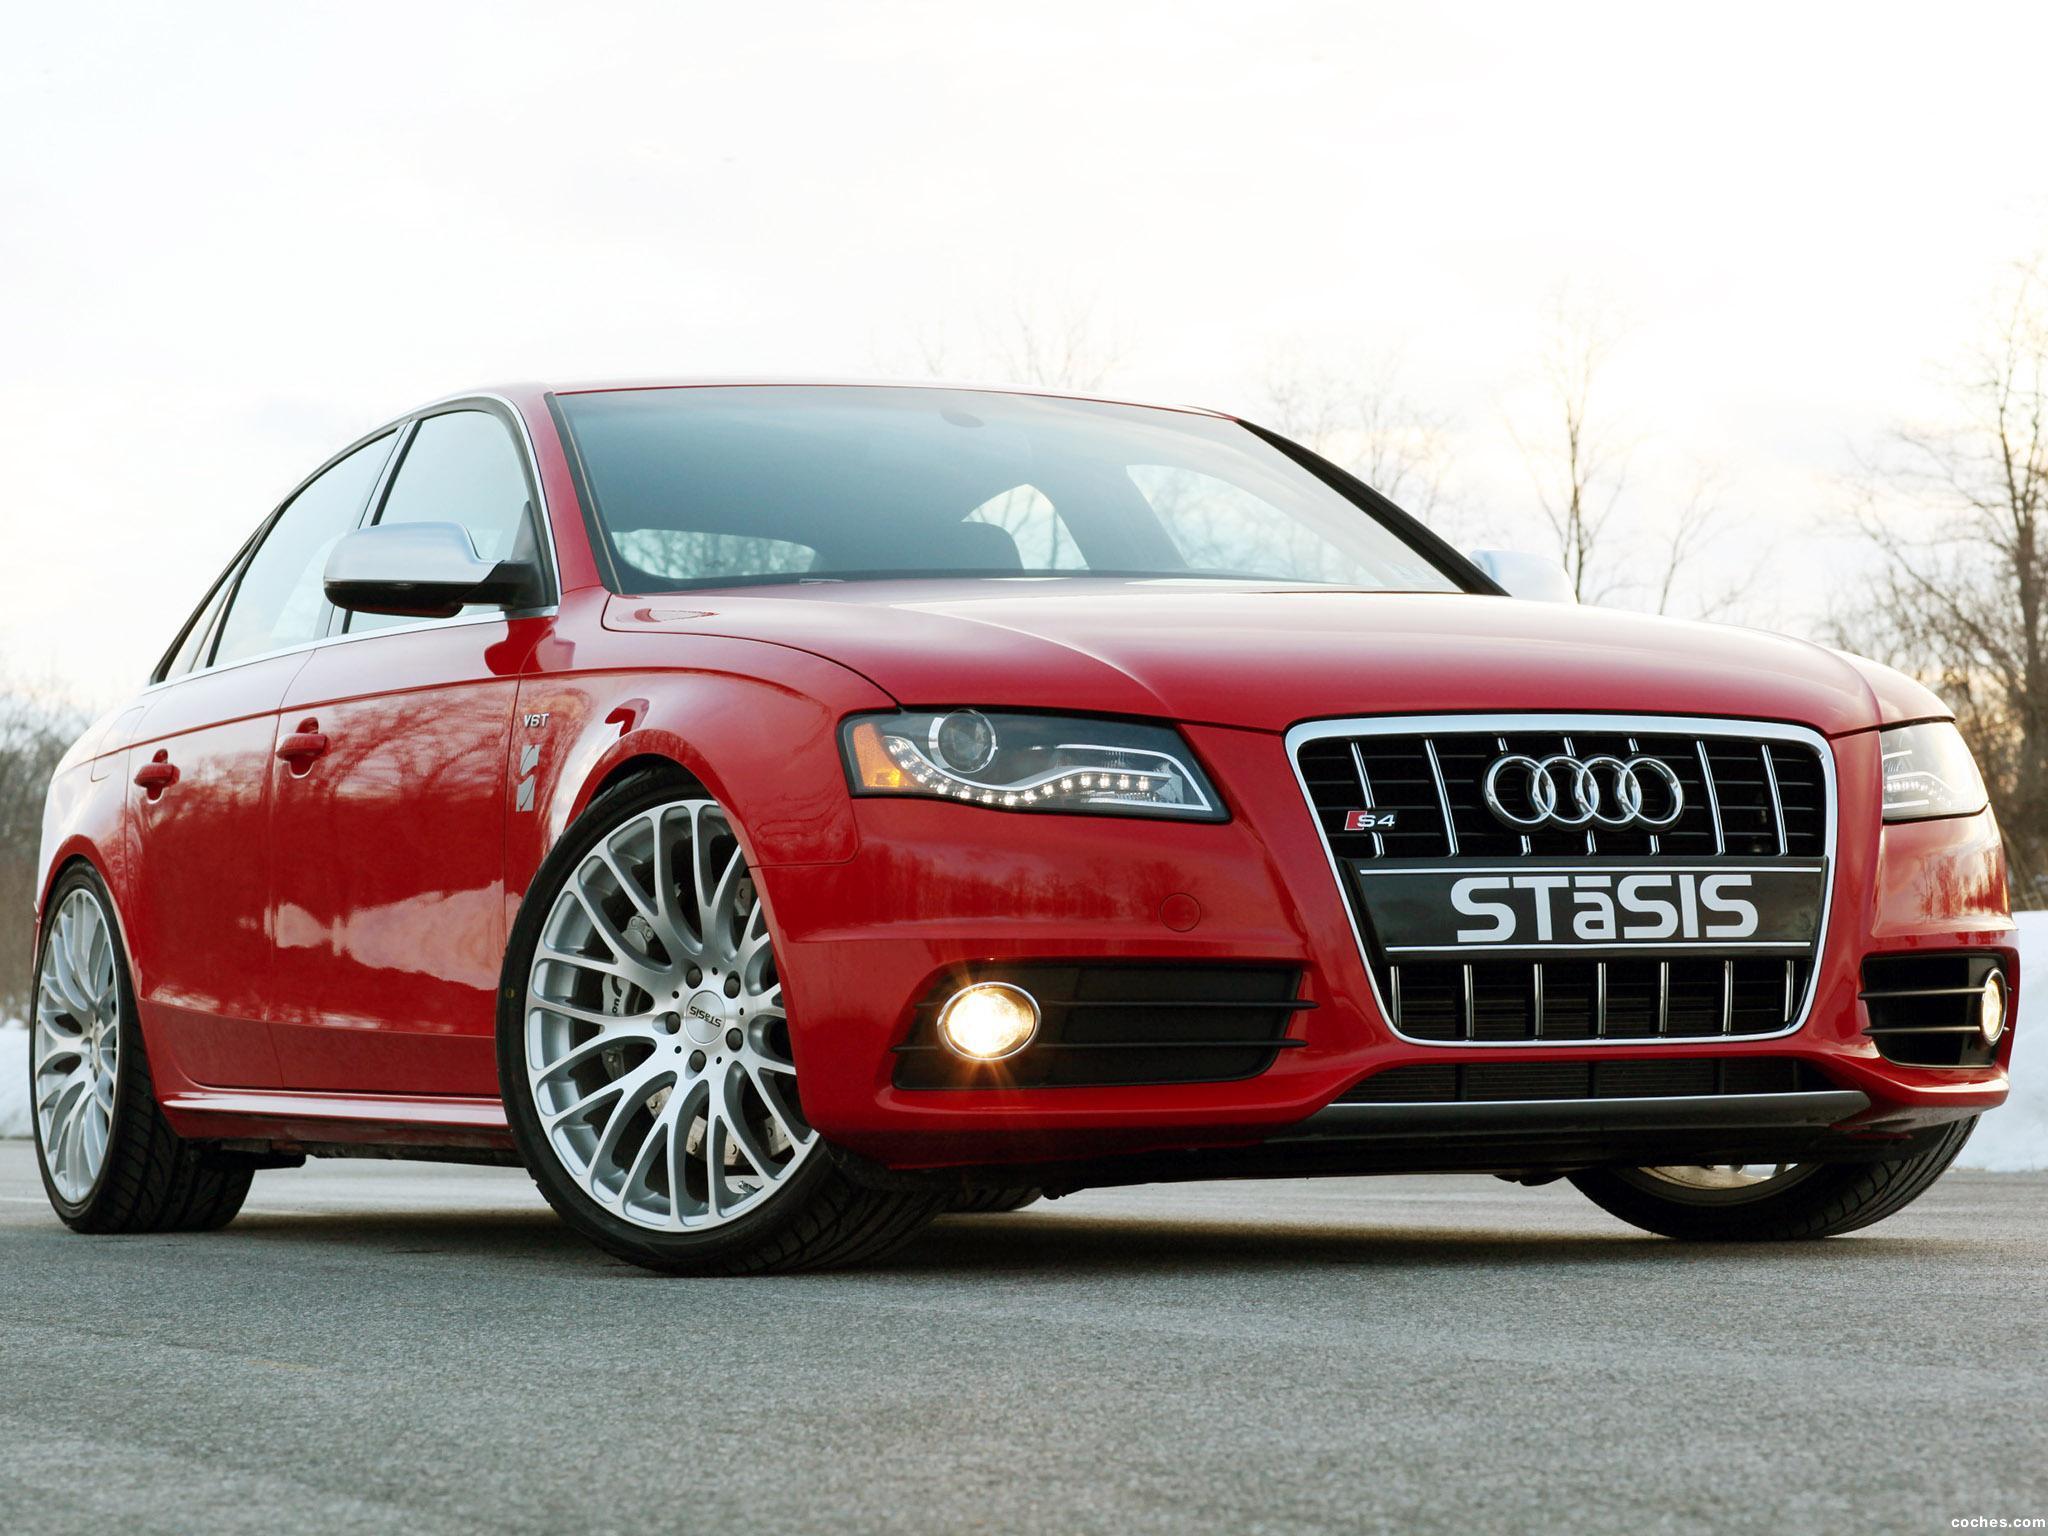 Foto 0 de Audi STaSIS S4 2011